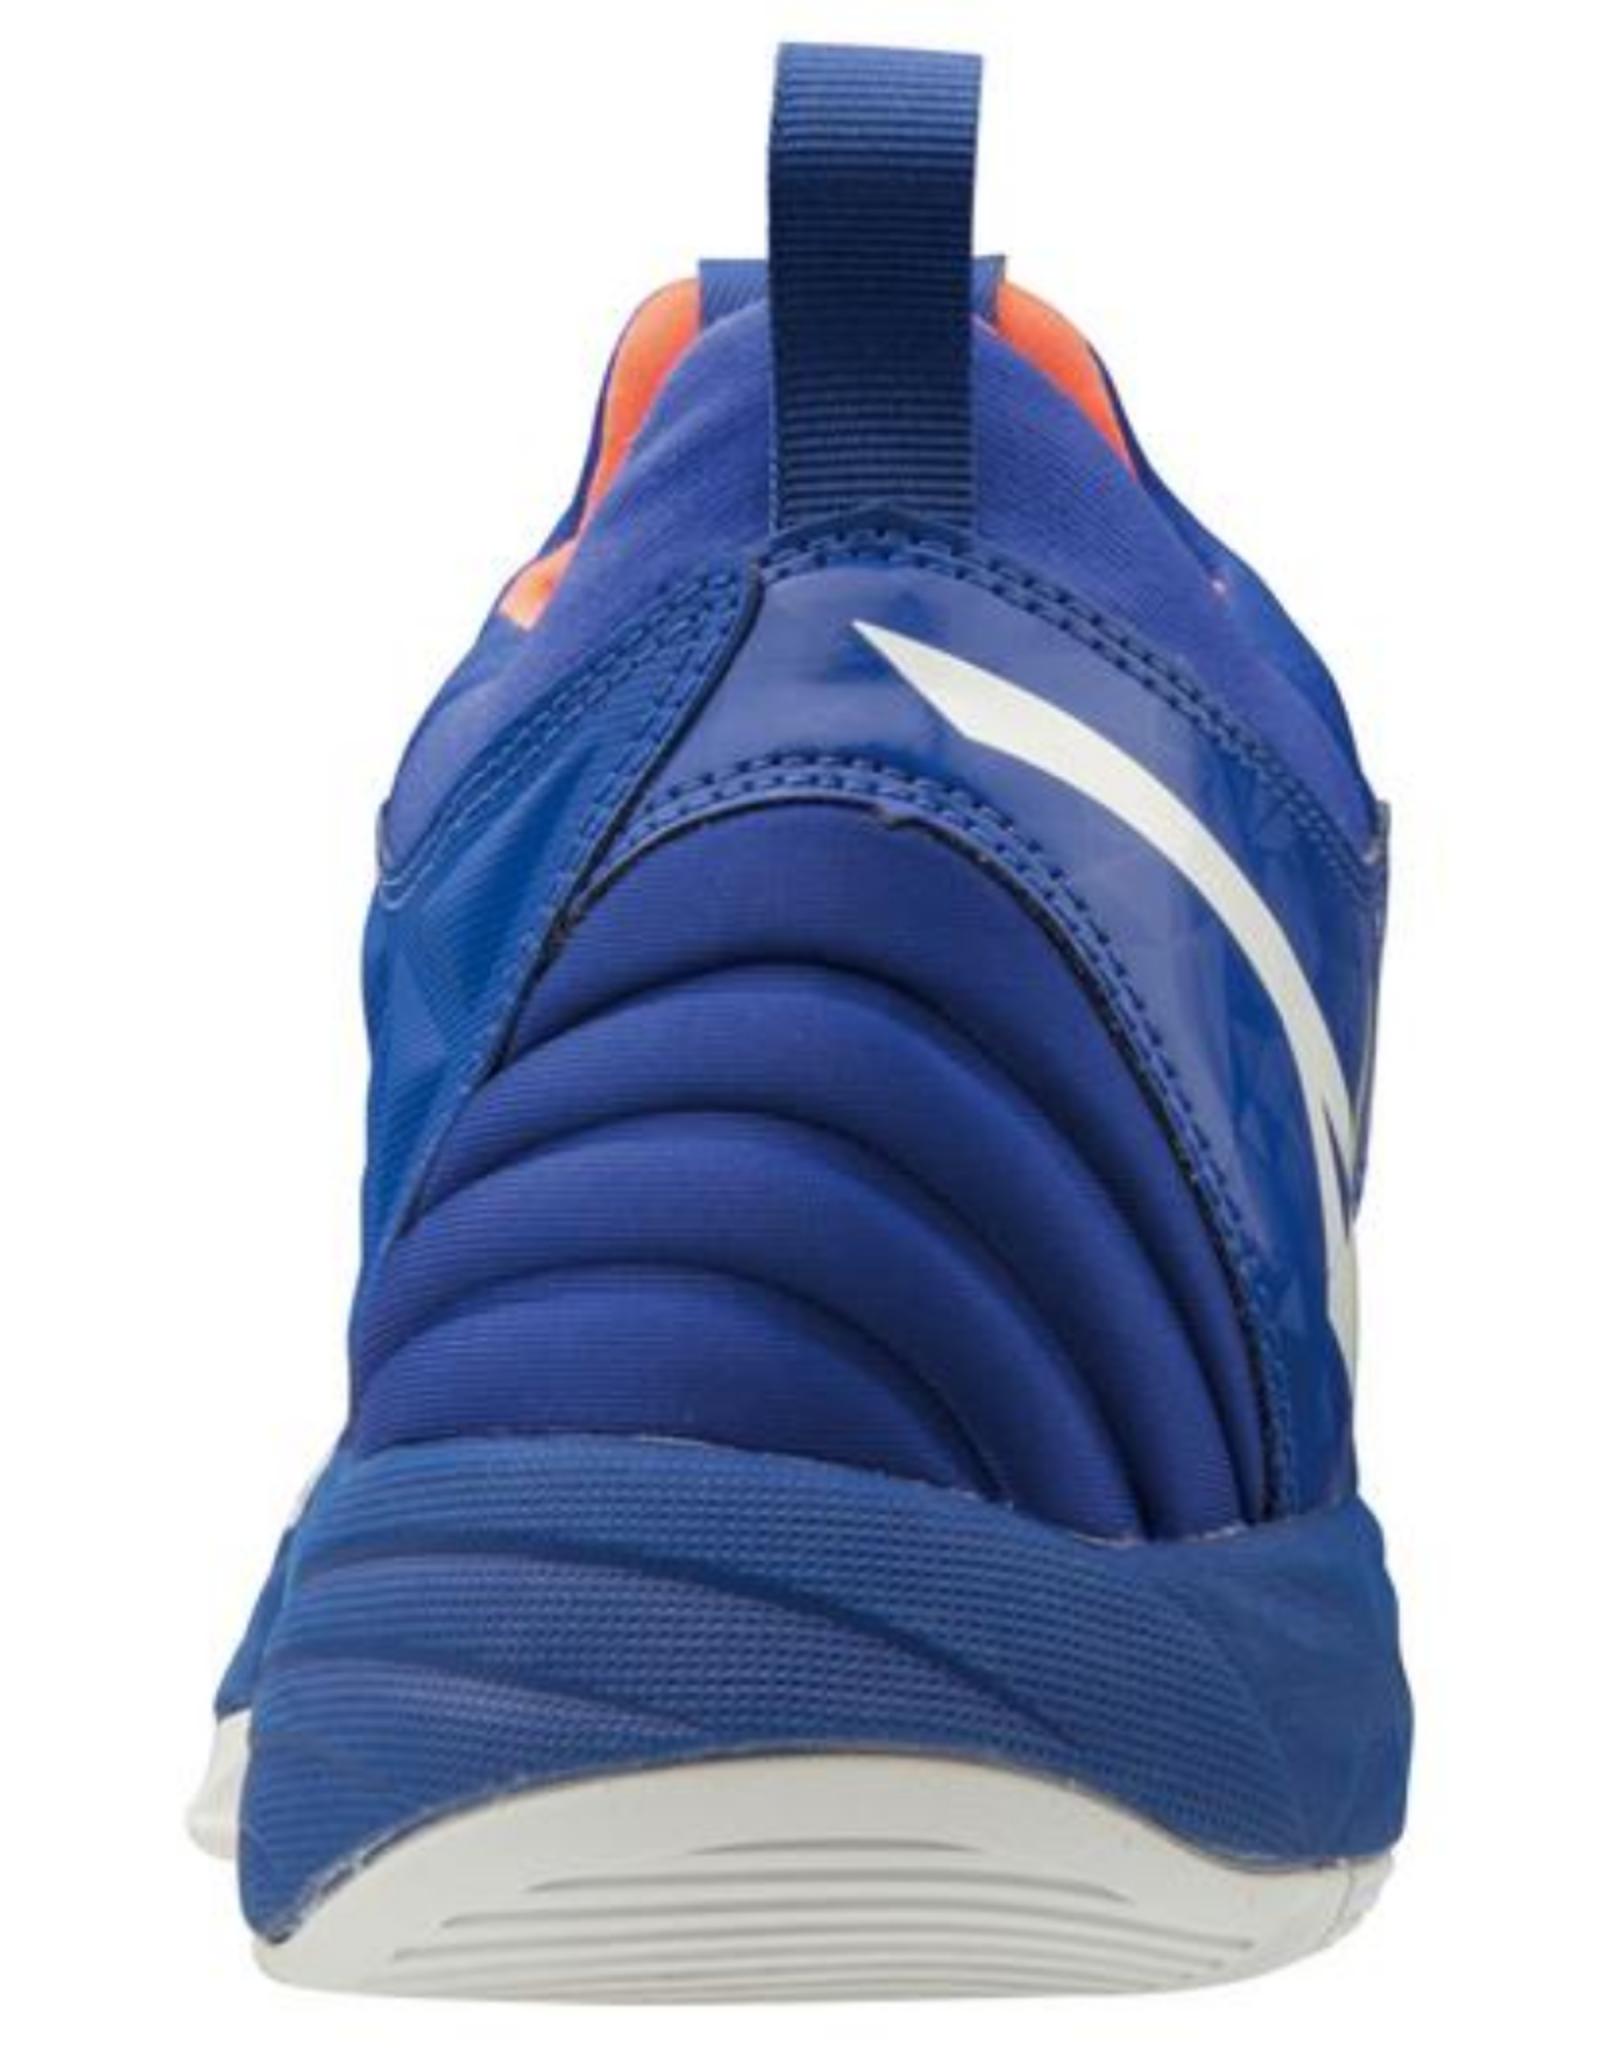 Mizuno Men's Wave Momentum Shoe Blue/Orange